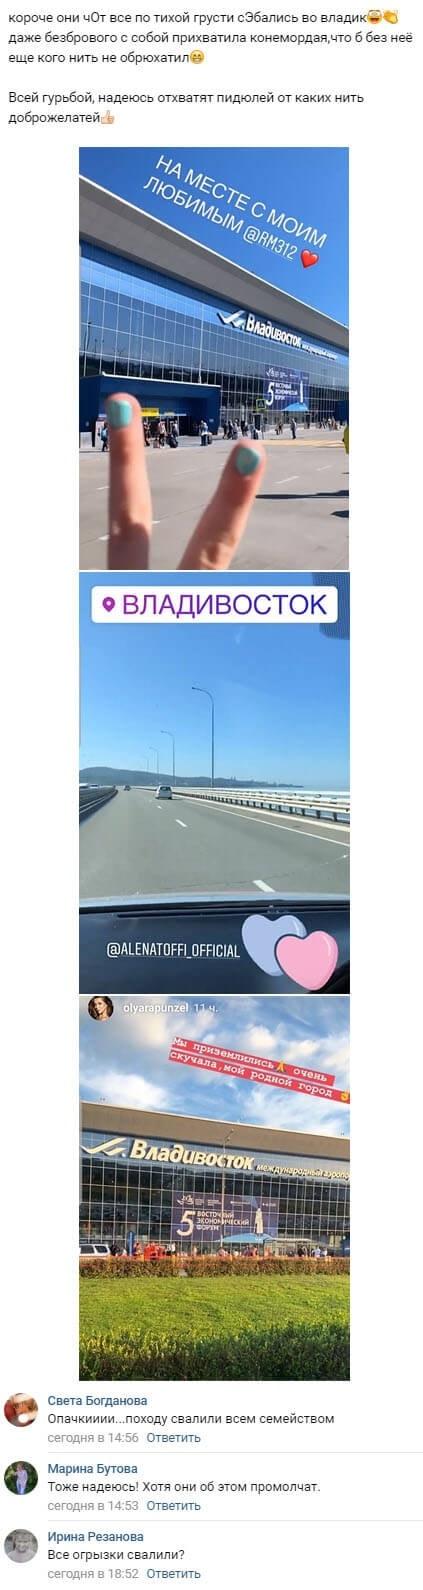 Роман Макеев и Алена Савкина покинули Москву и проект